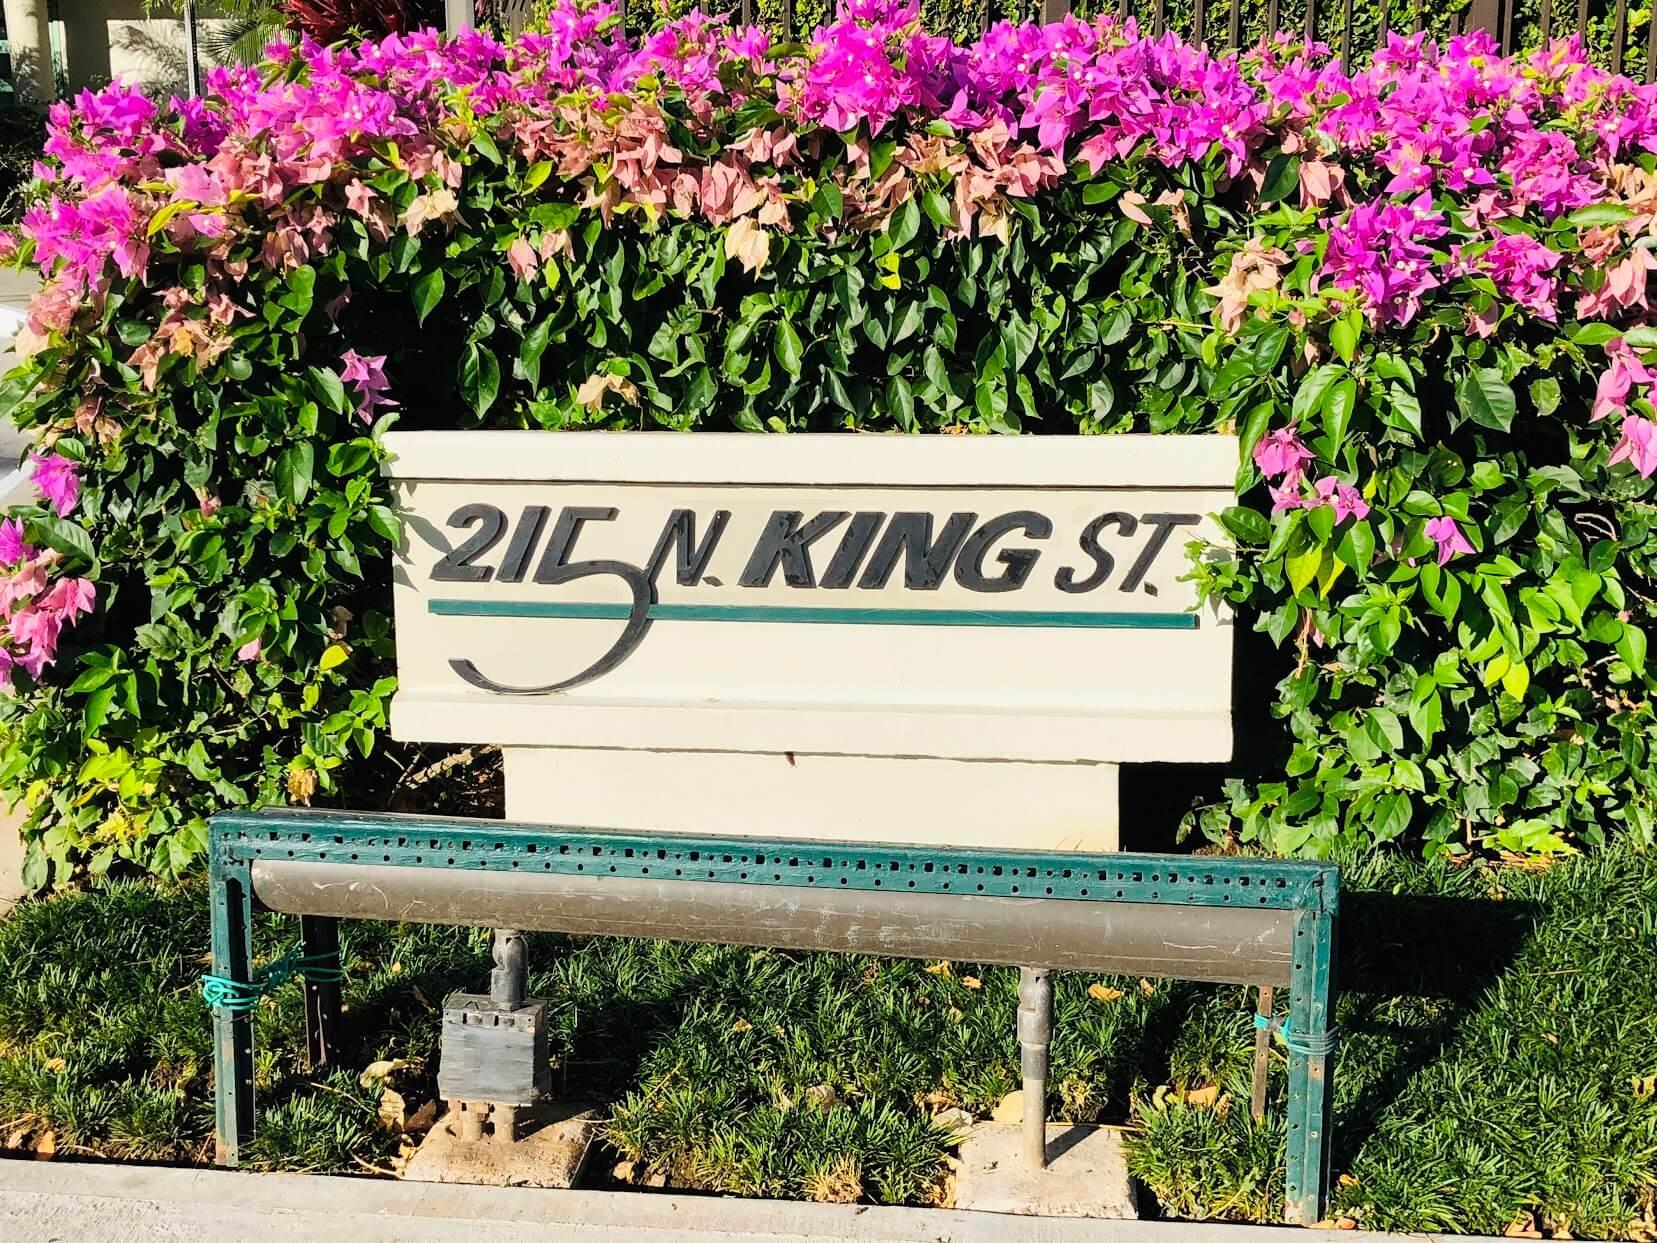 215 North Kingの看板